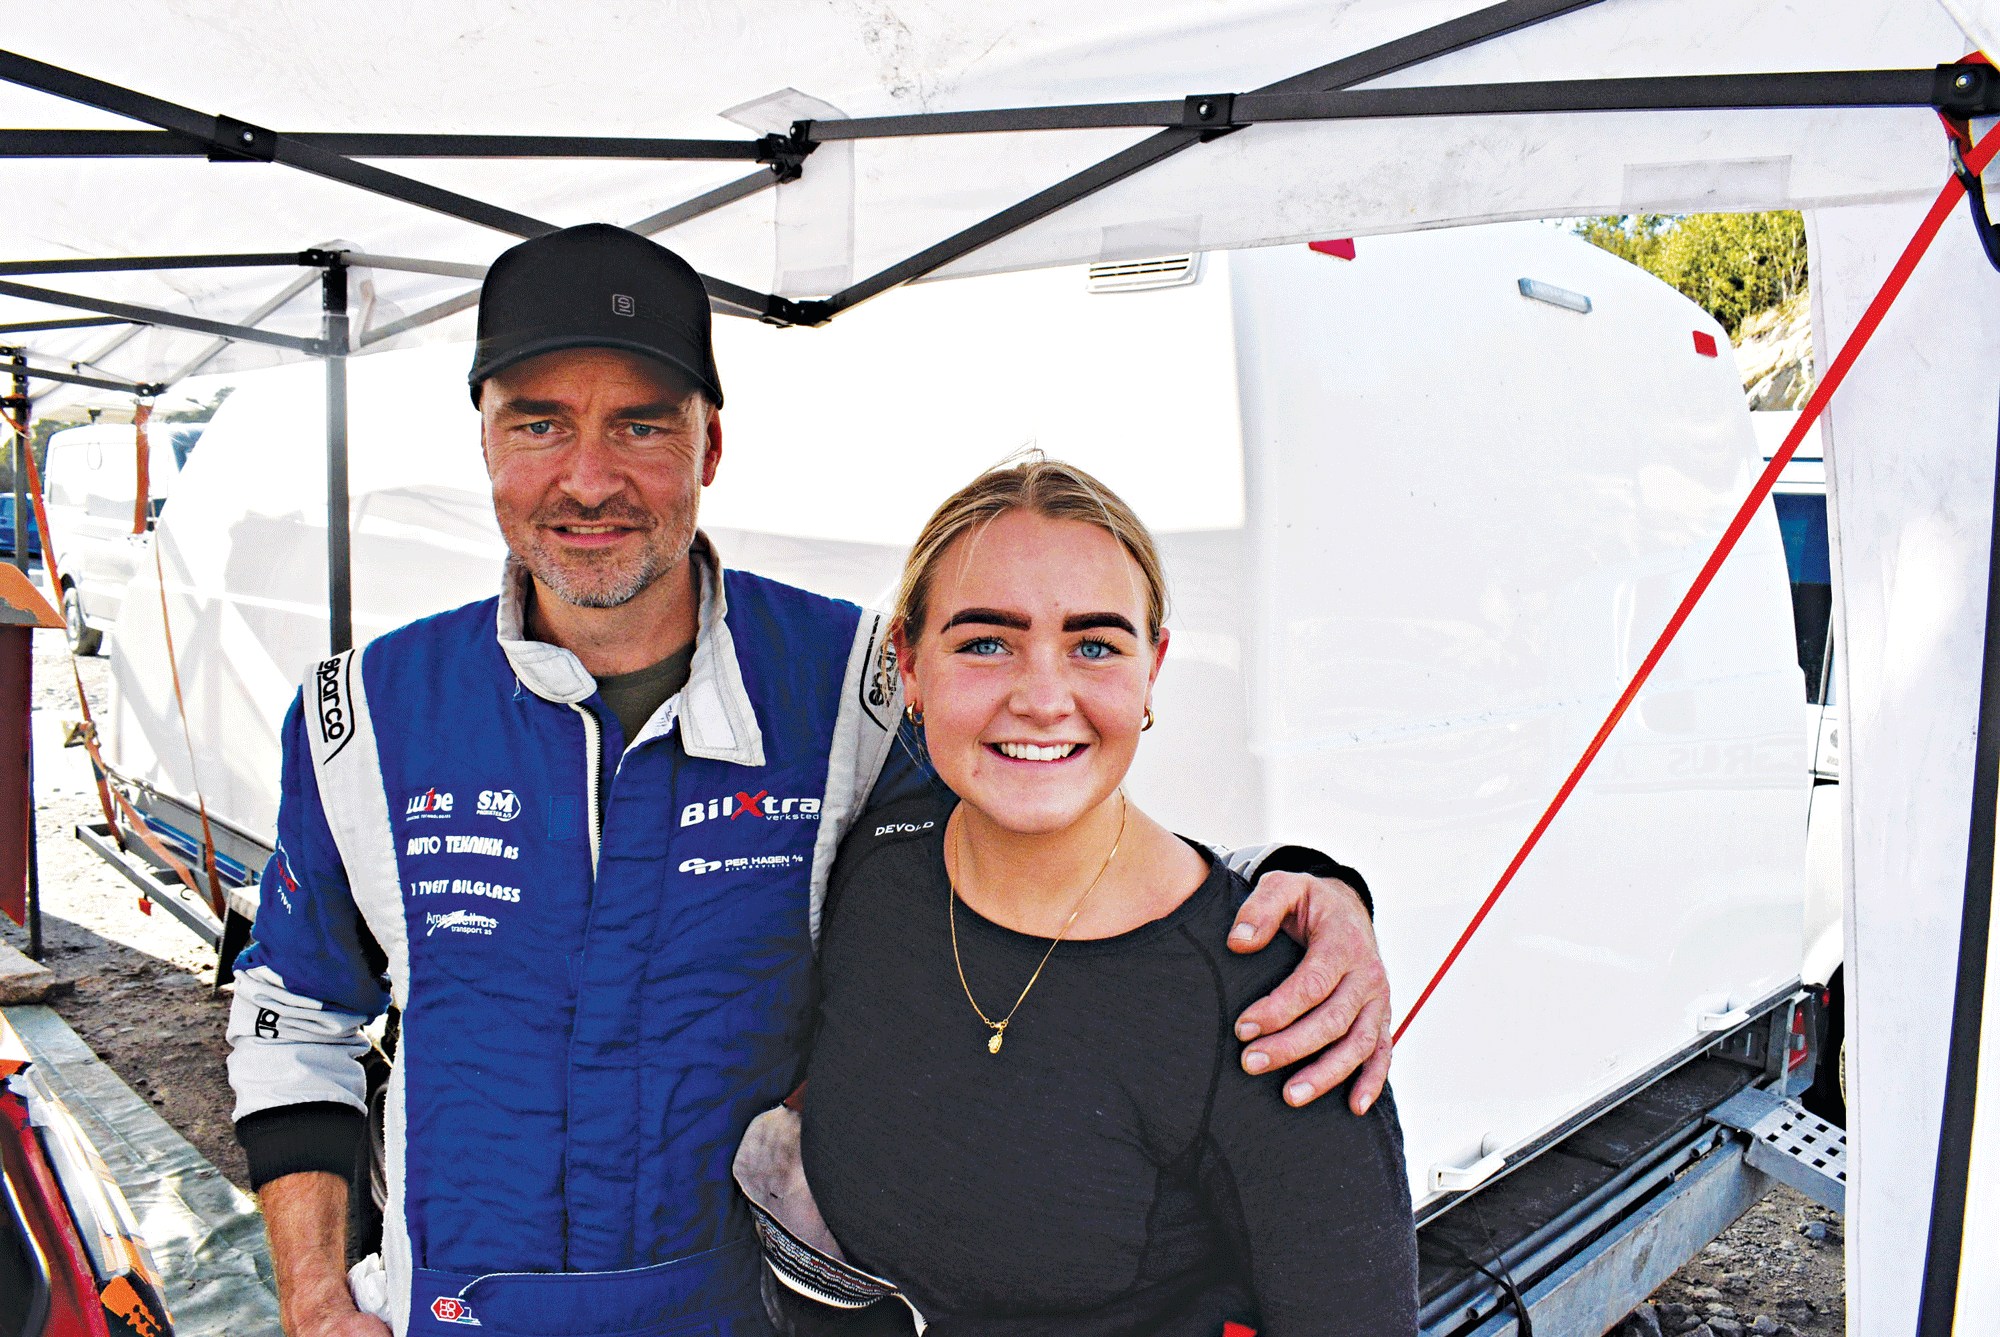 Svein Overrasket Seg Selv, Ble Nr. Tre I Rally Sørland